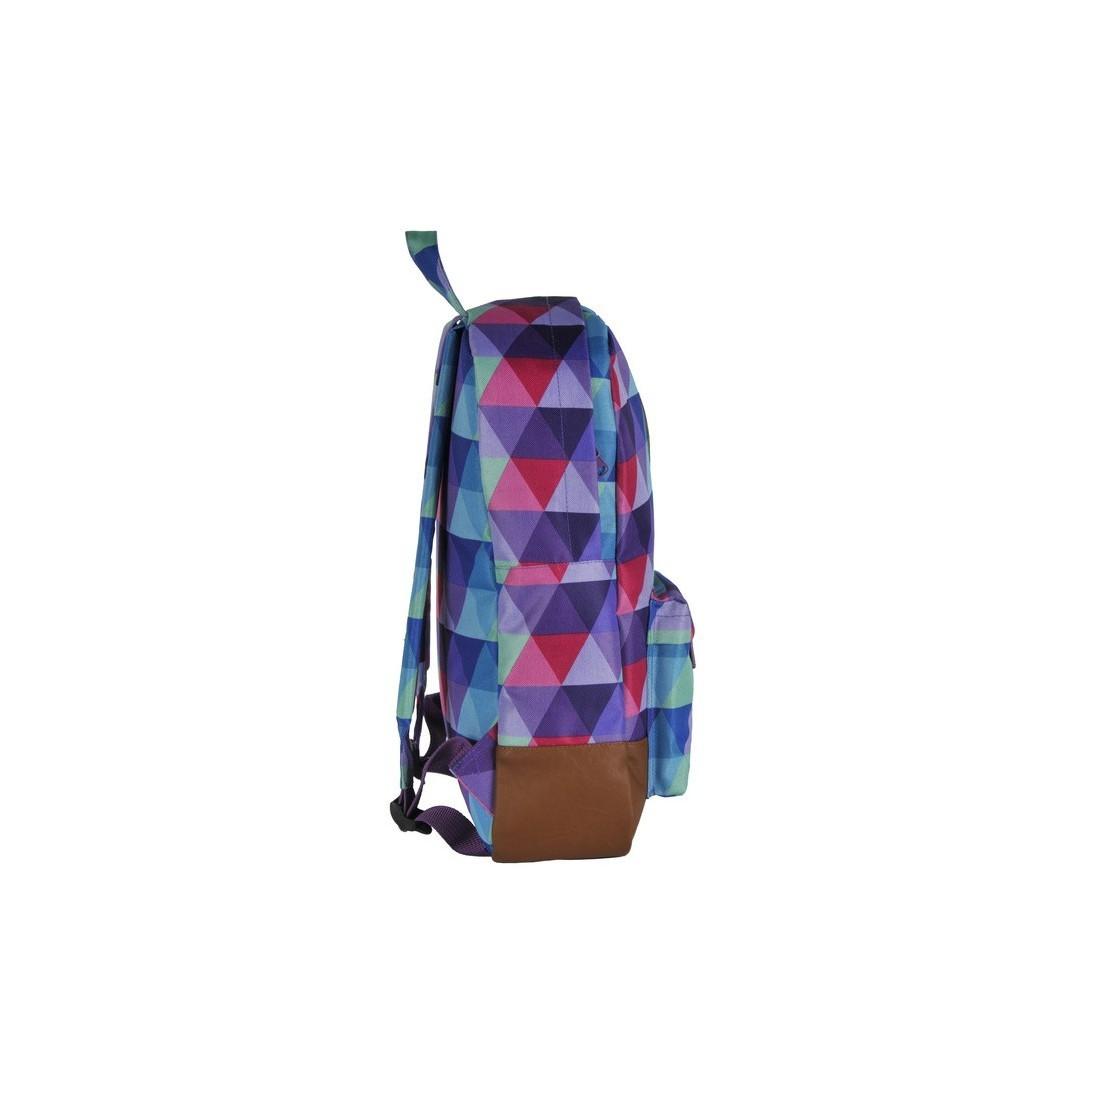 Plecak młodzieżowy w kolorowe trójkąty - plecak-tornister.pl